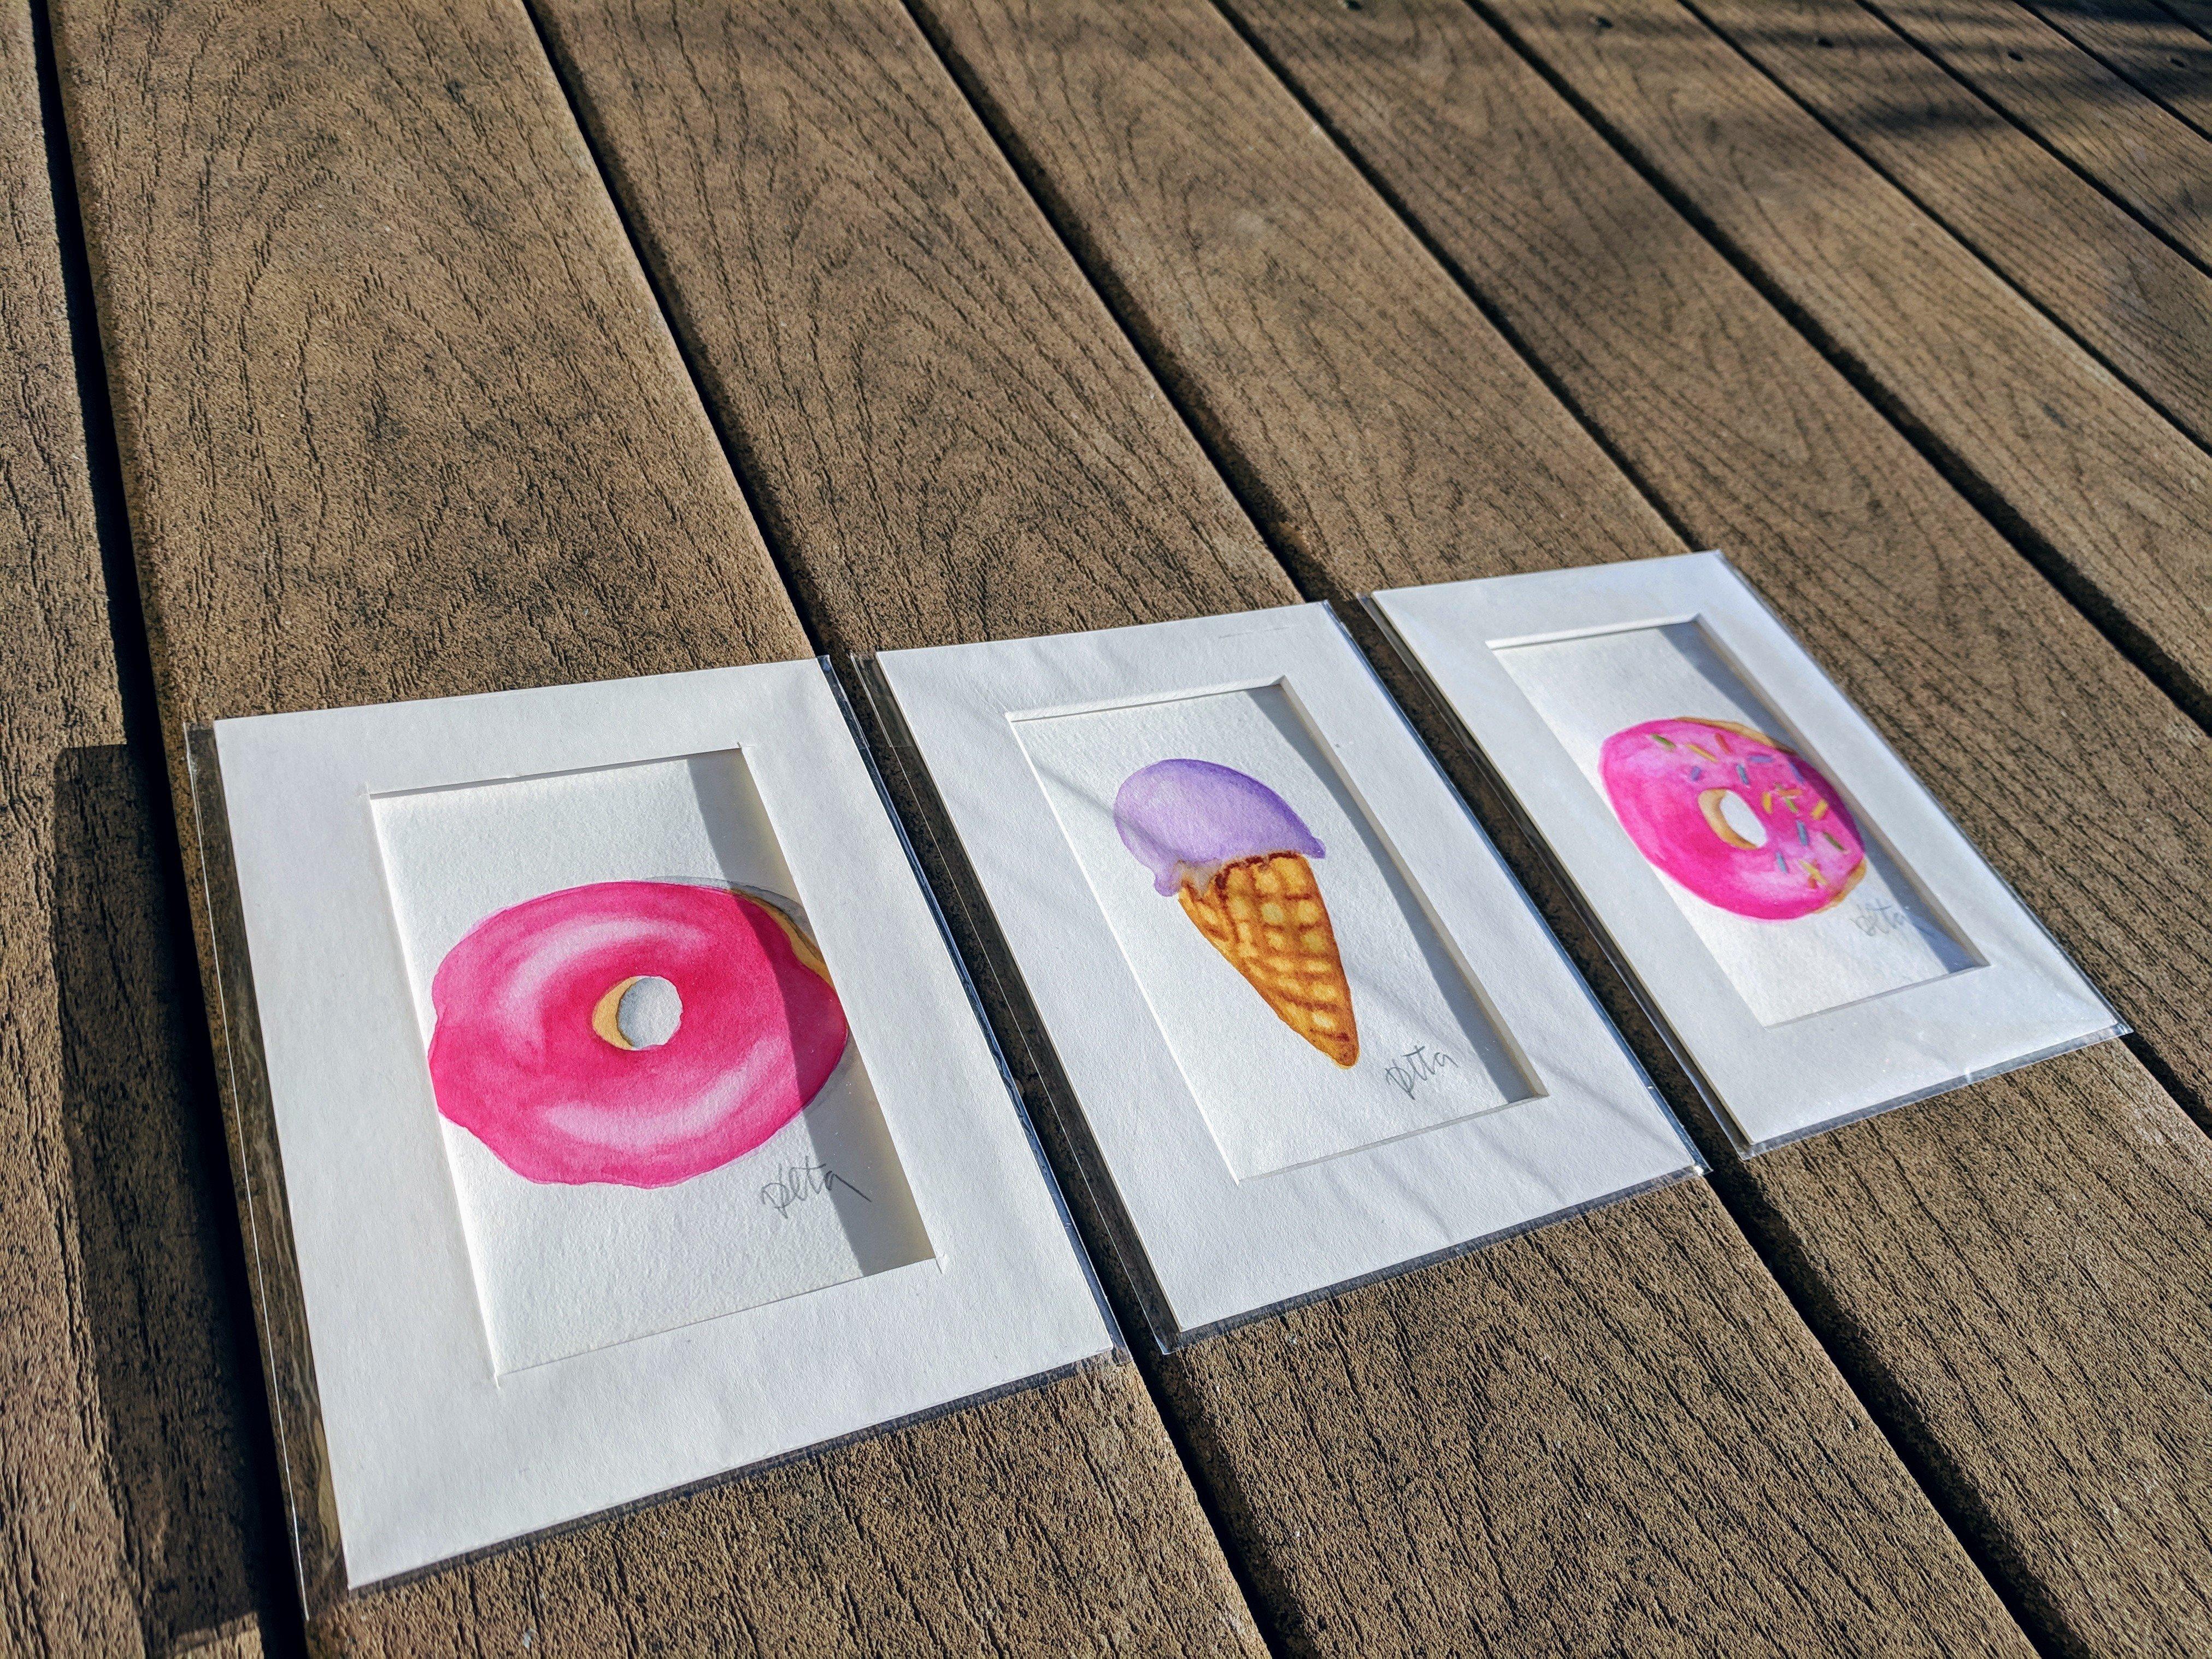 Pink Icing Donut - Original Watercolor Art